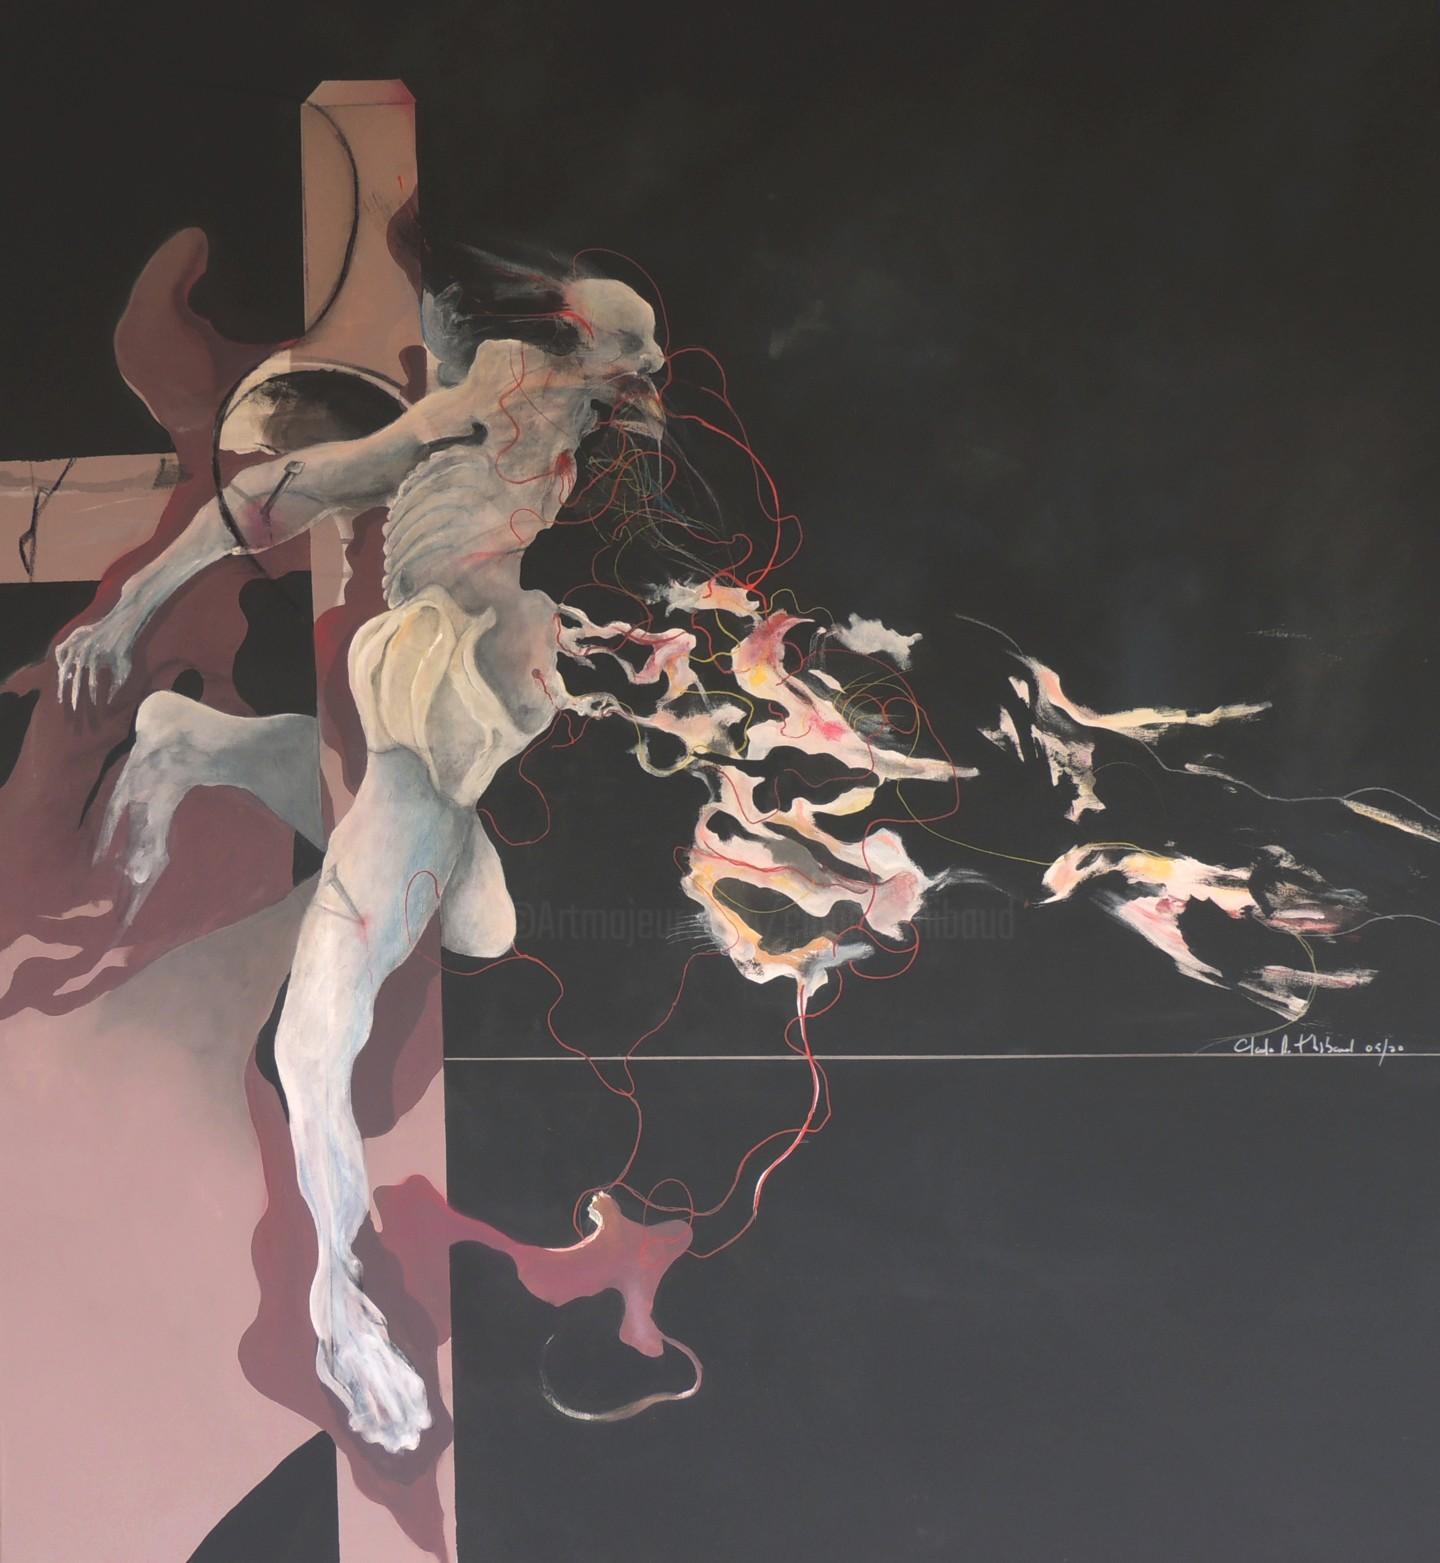 Claude André Thibaud - L'HEURE NOIRE / DARKEST HOUR